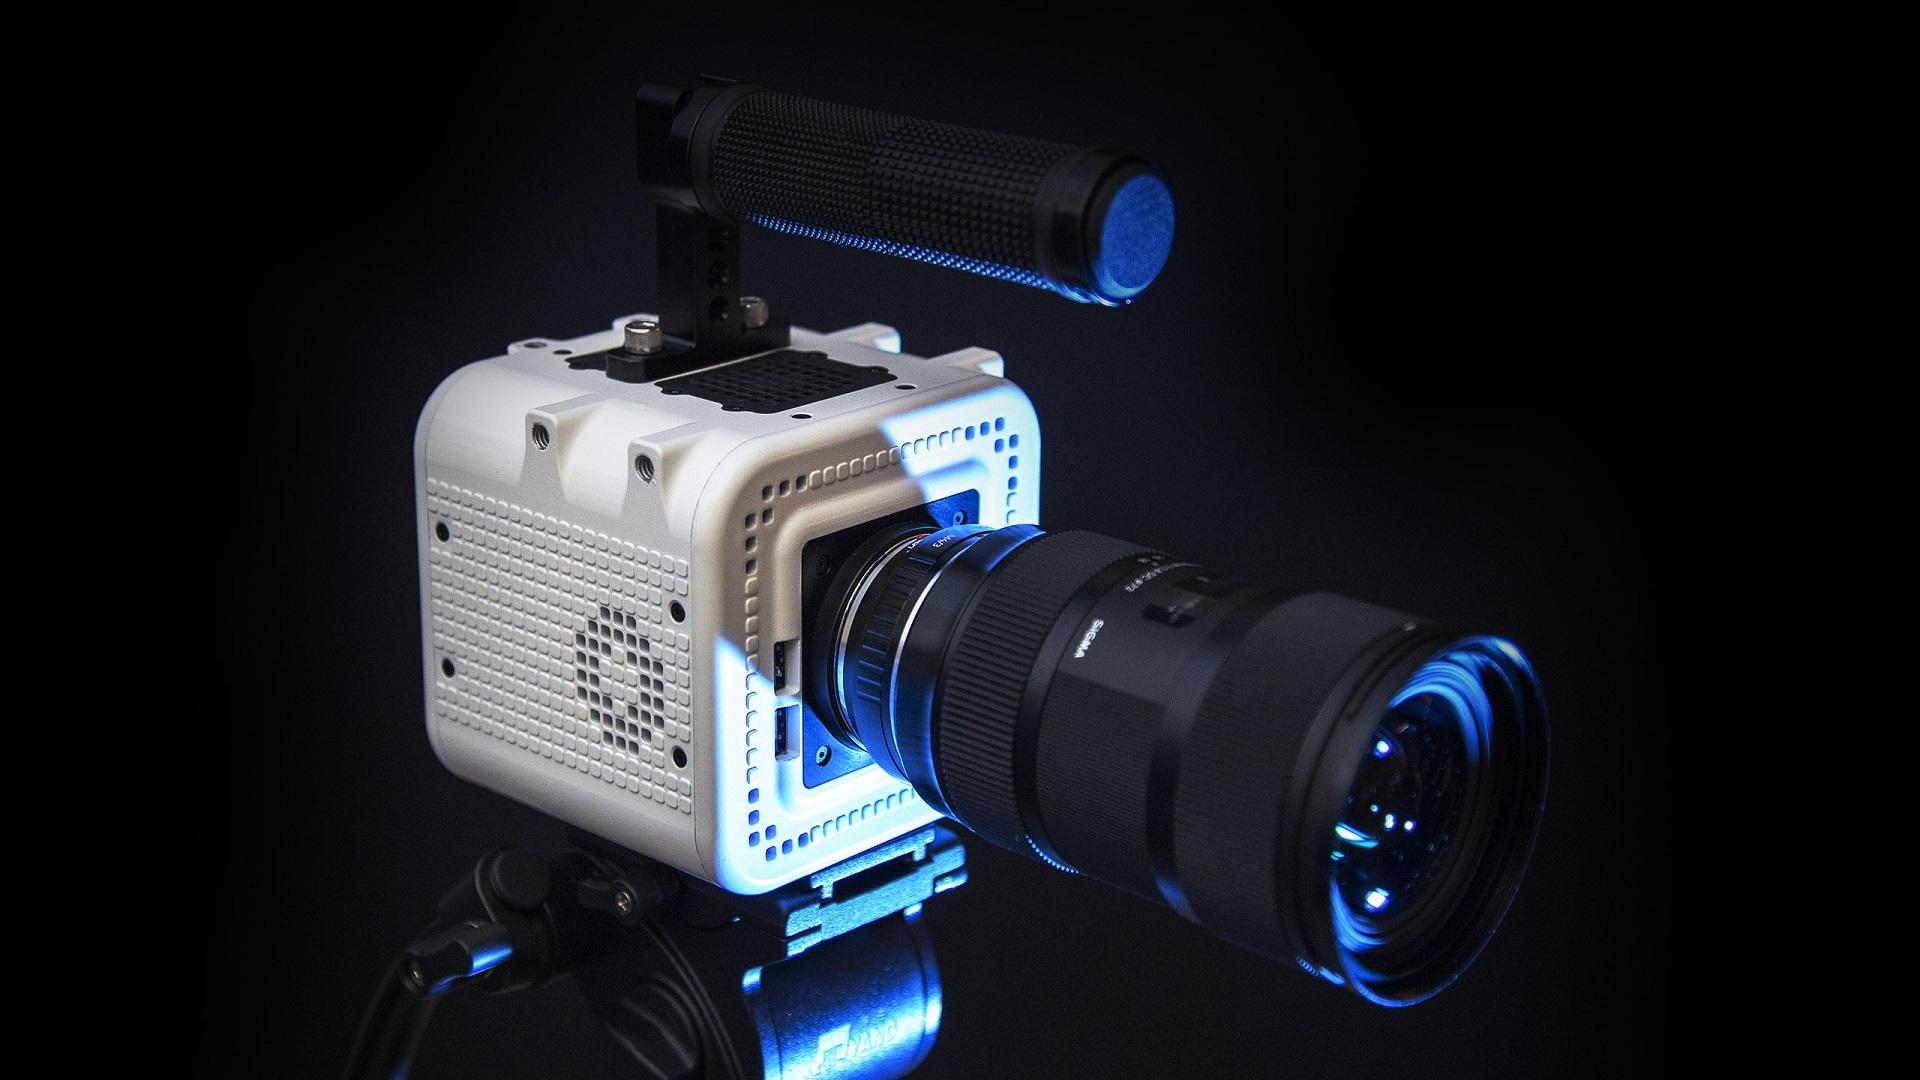 CÁMARA OCTOPUS - Prototipo de cámara de cine con partes actualizables